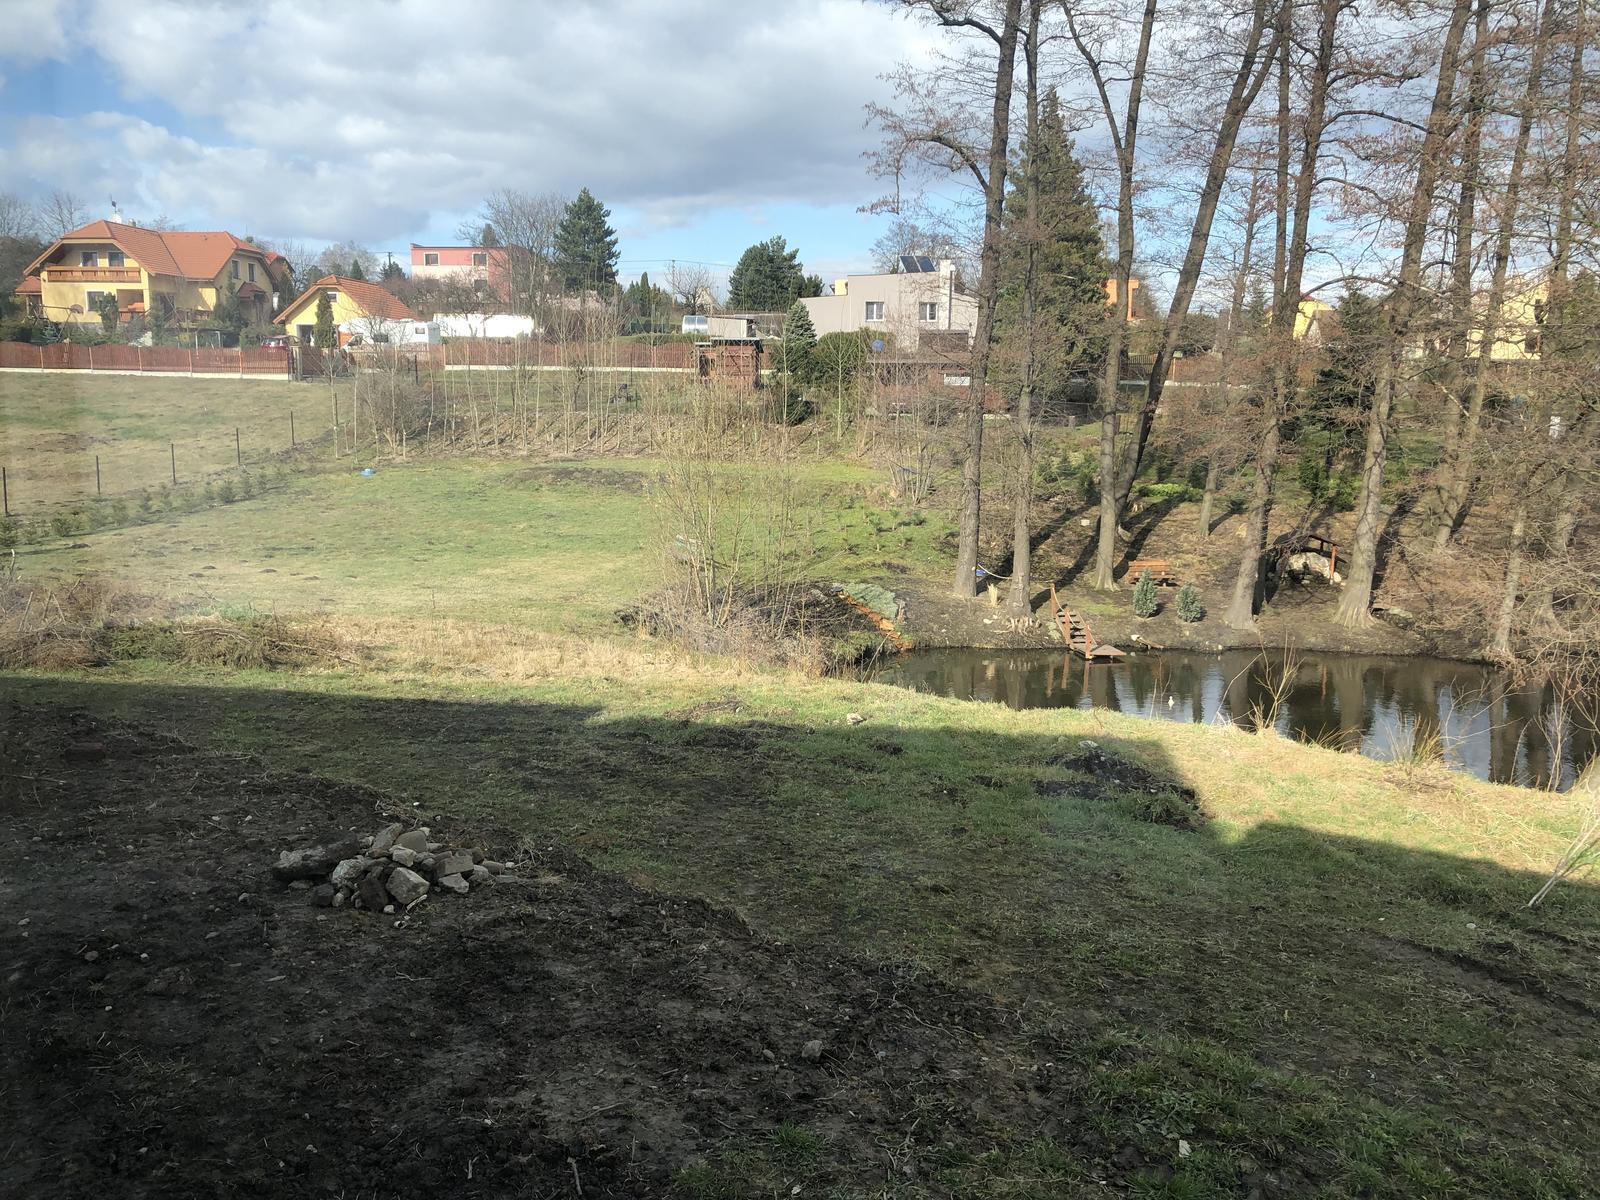 Zahrada u rybníčku - Vzadu bych chtěla pergolu s ohněm a mini skleníček... ovoce a zeleninu... alespoň něco málo